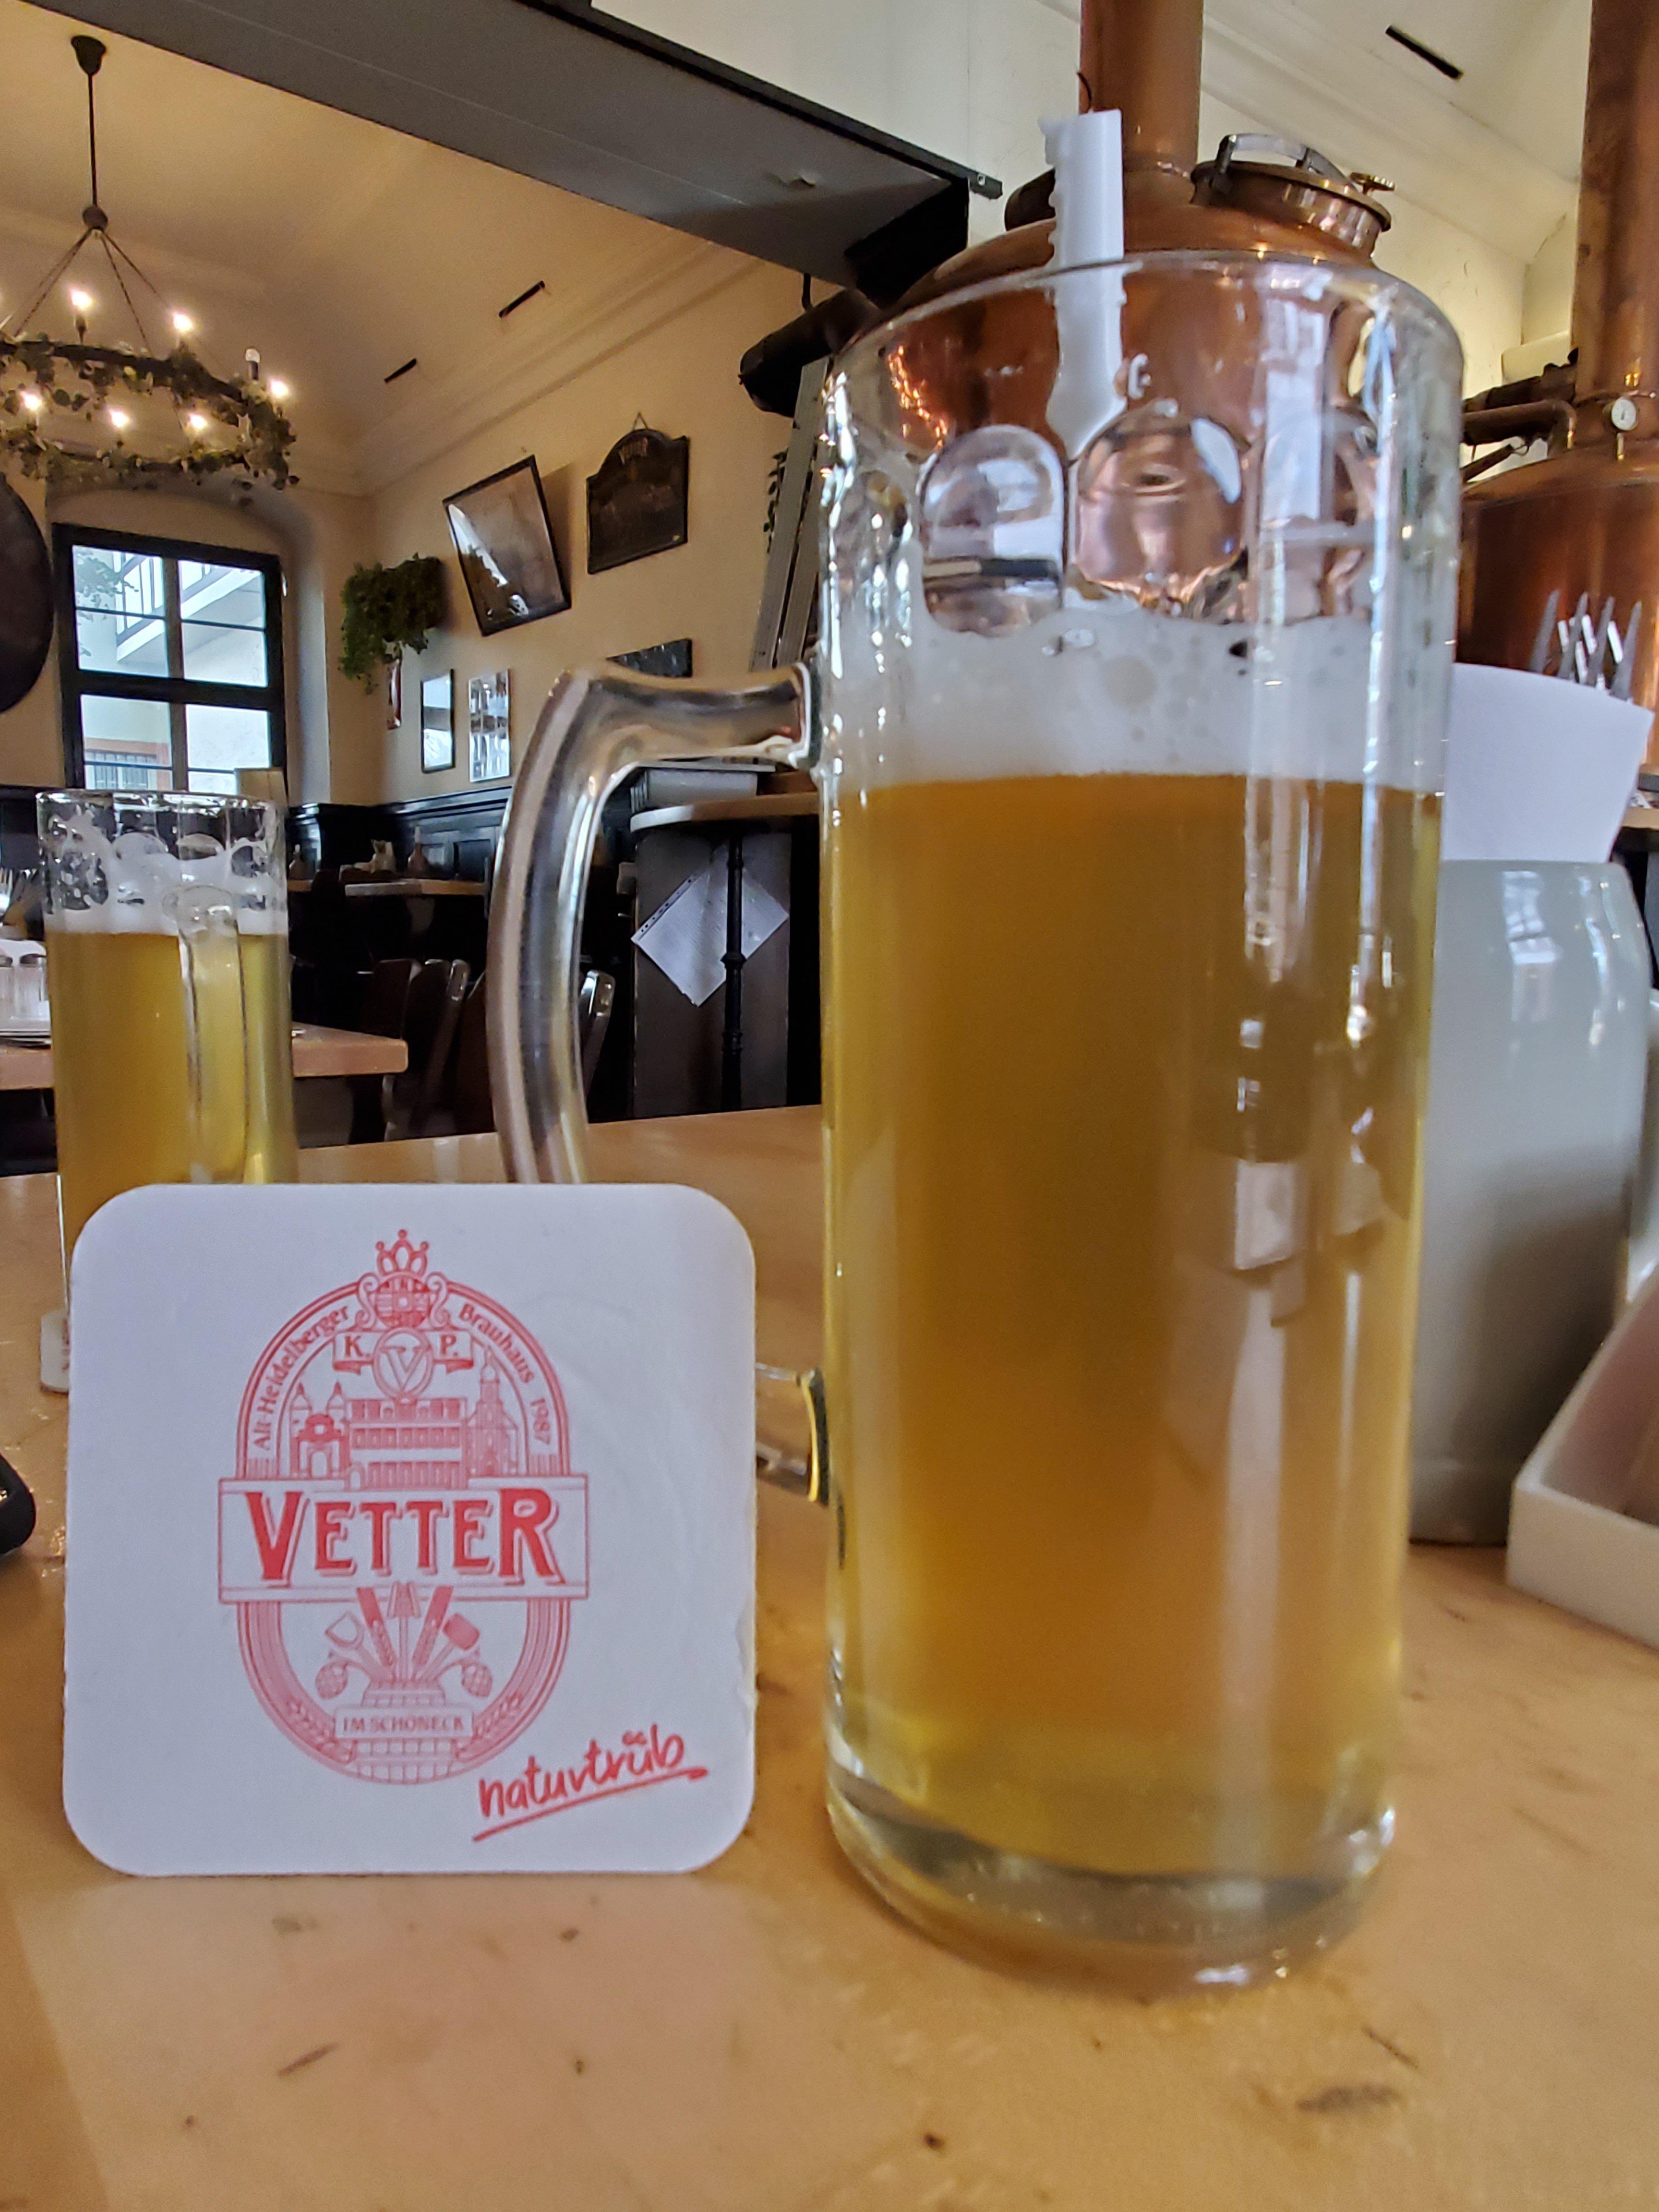 Heidelberg Vetter Pilsner.jpg